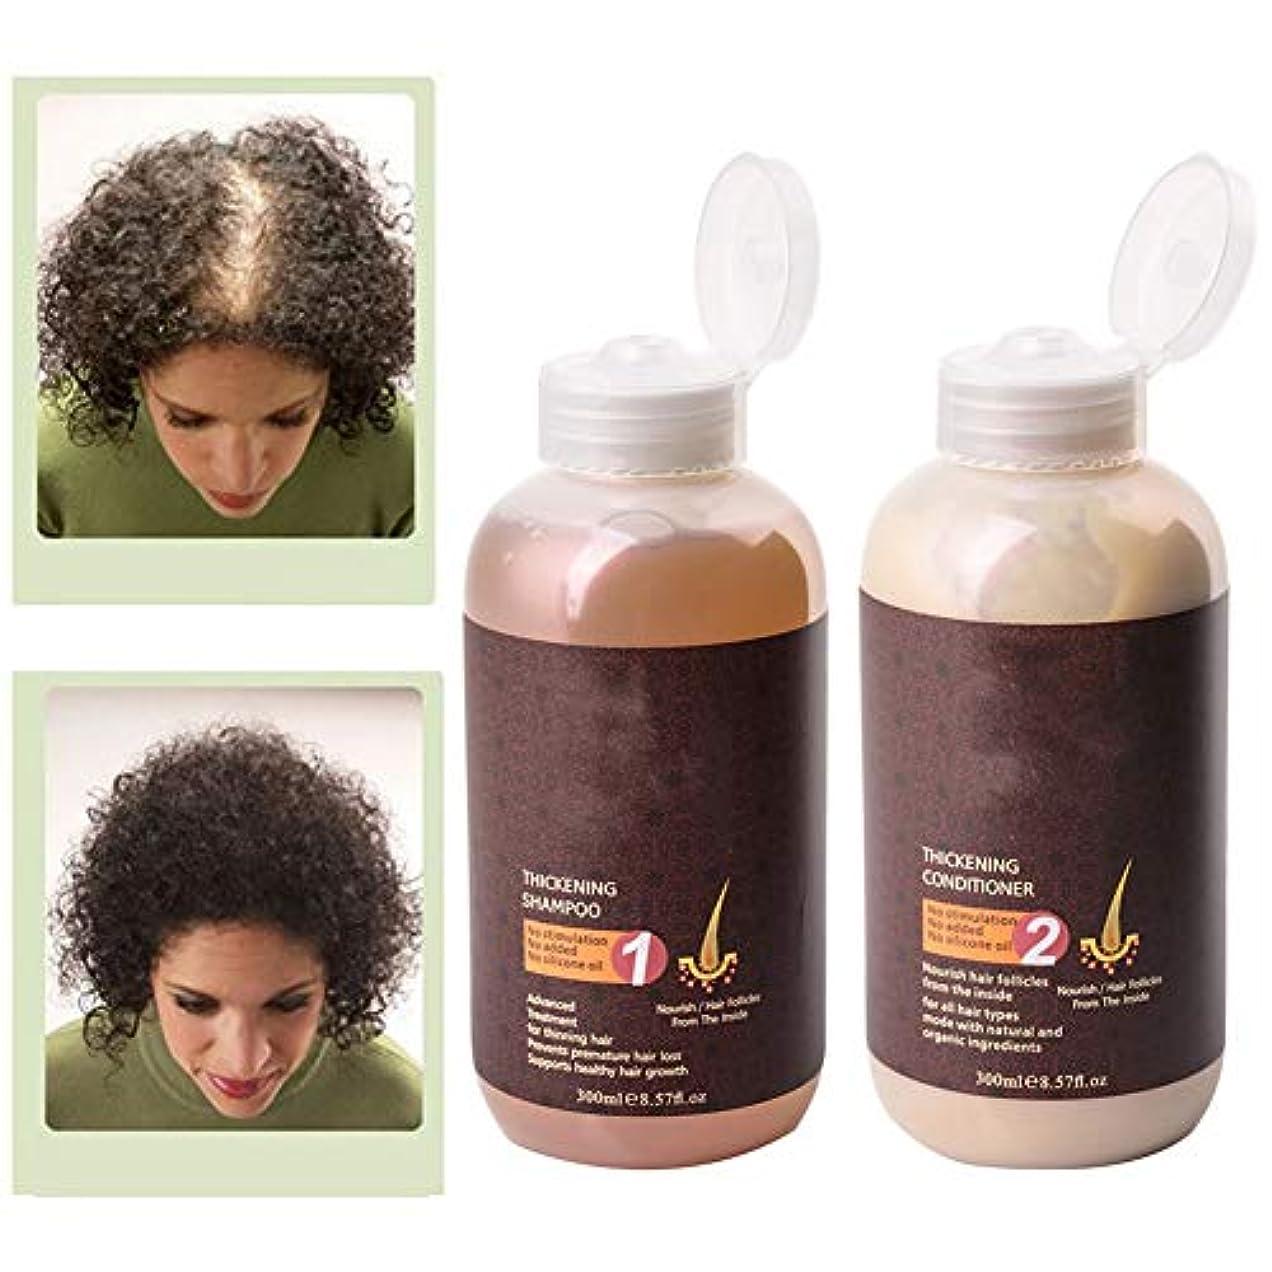 一握り快い巻き取りシャンプーコンディショナーセット生姜成長髪300ミリリットル+ 300ミリリットル明確にするシャンプー栄養深い修復増加光沢、水分補給、輝き、かゆみ頭皮ヘアケアキットを減らす